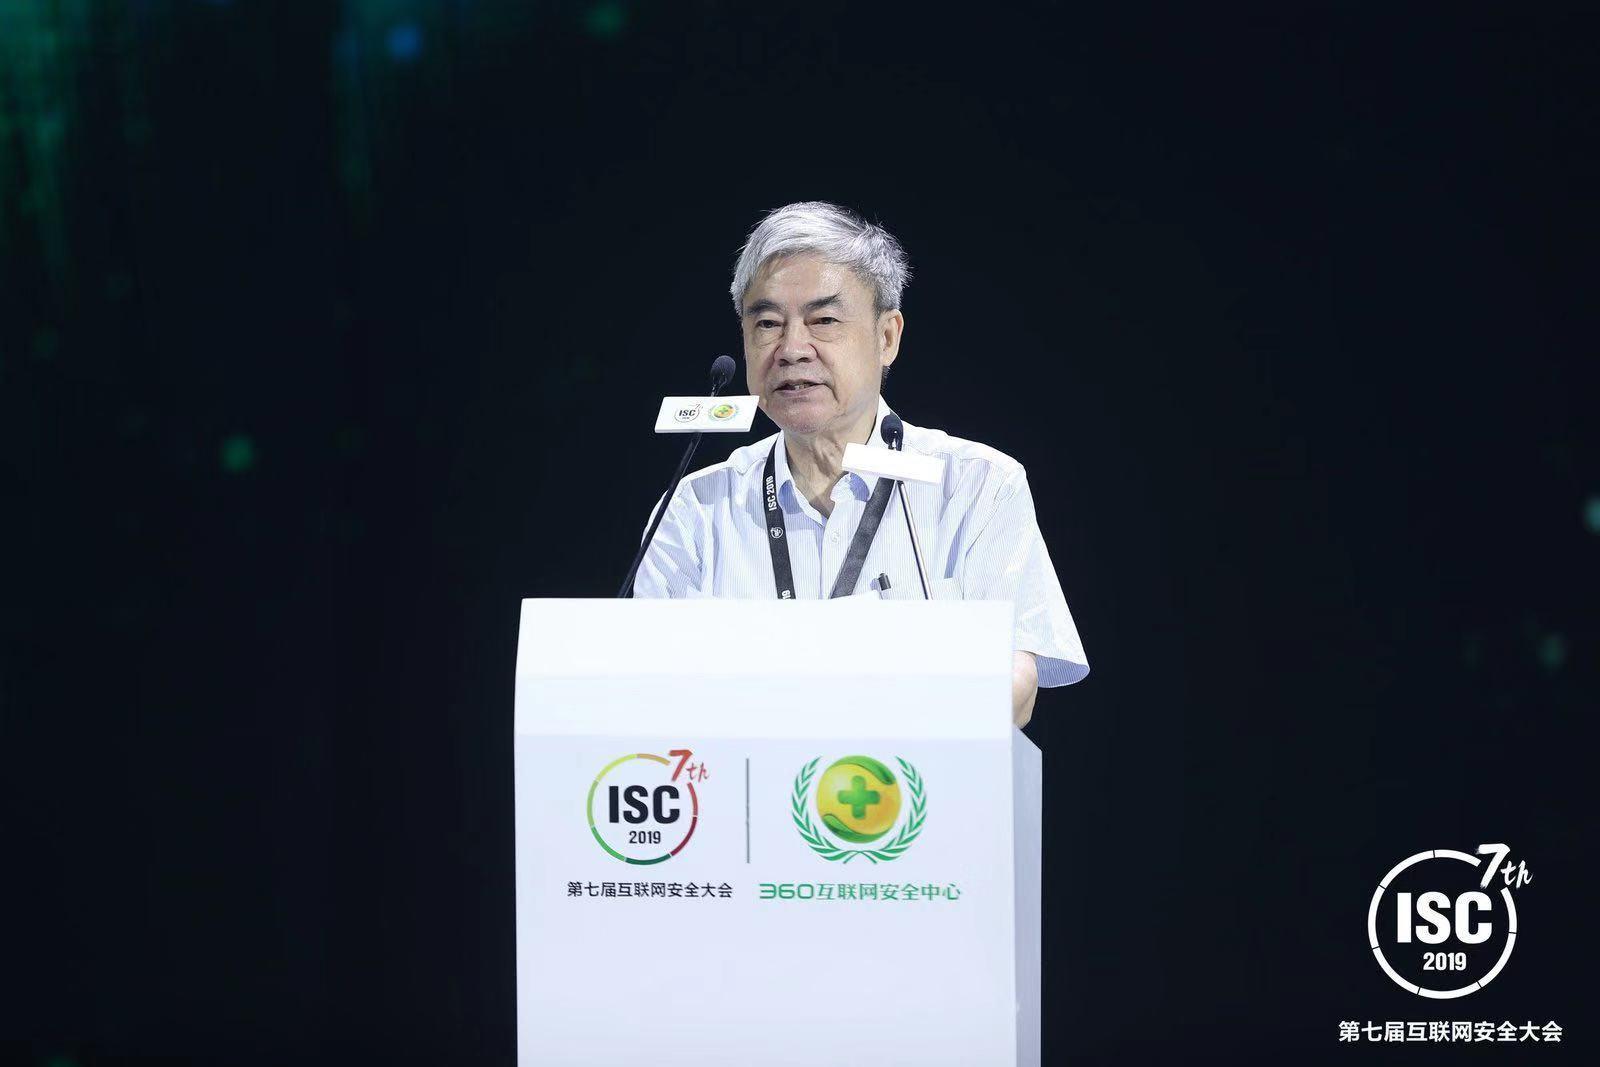 ISC名誉主席邬贺铨:5G对网络安全来说是把双刃剑